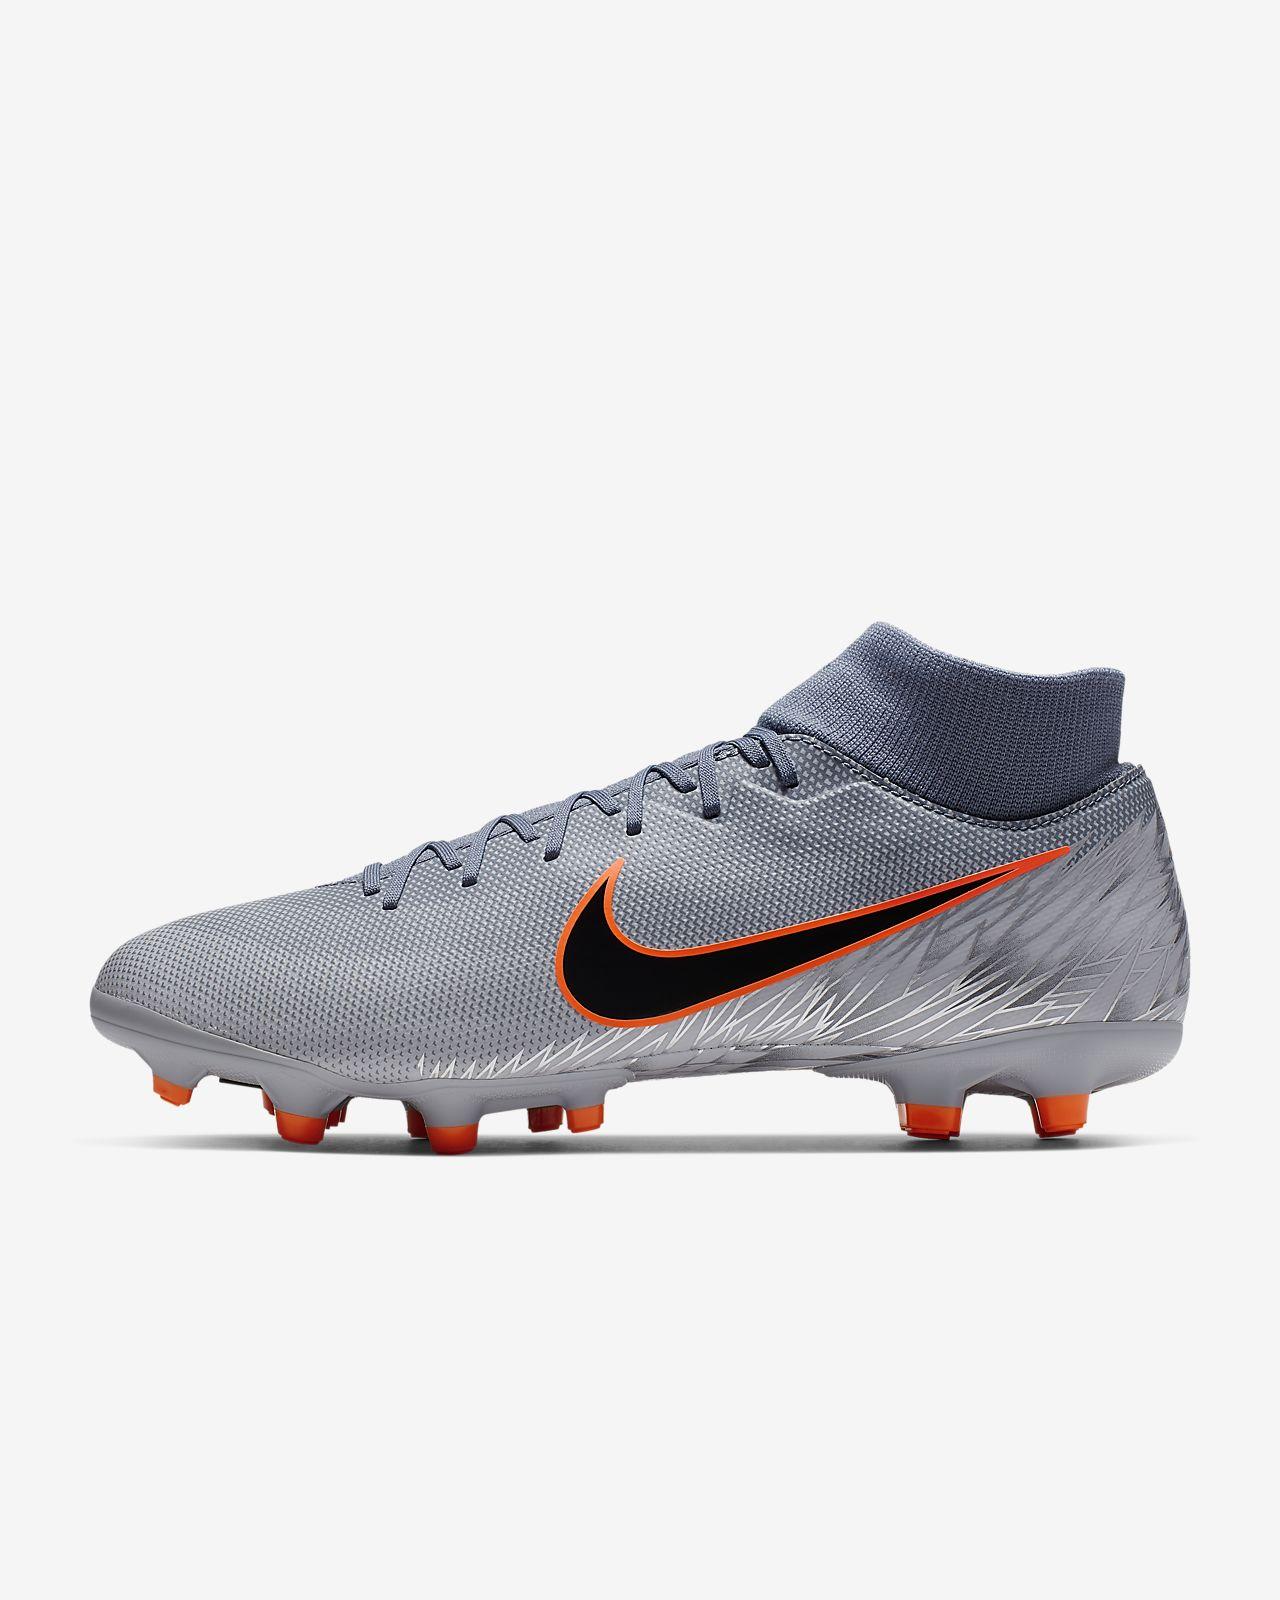 351ae23c ... Nike Mercurial Superfly 6 Academy MG fotballsko til flere underlag